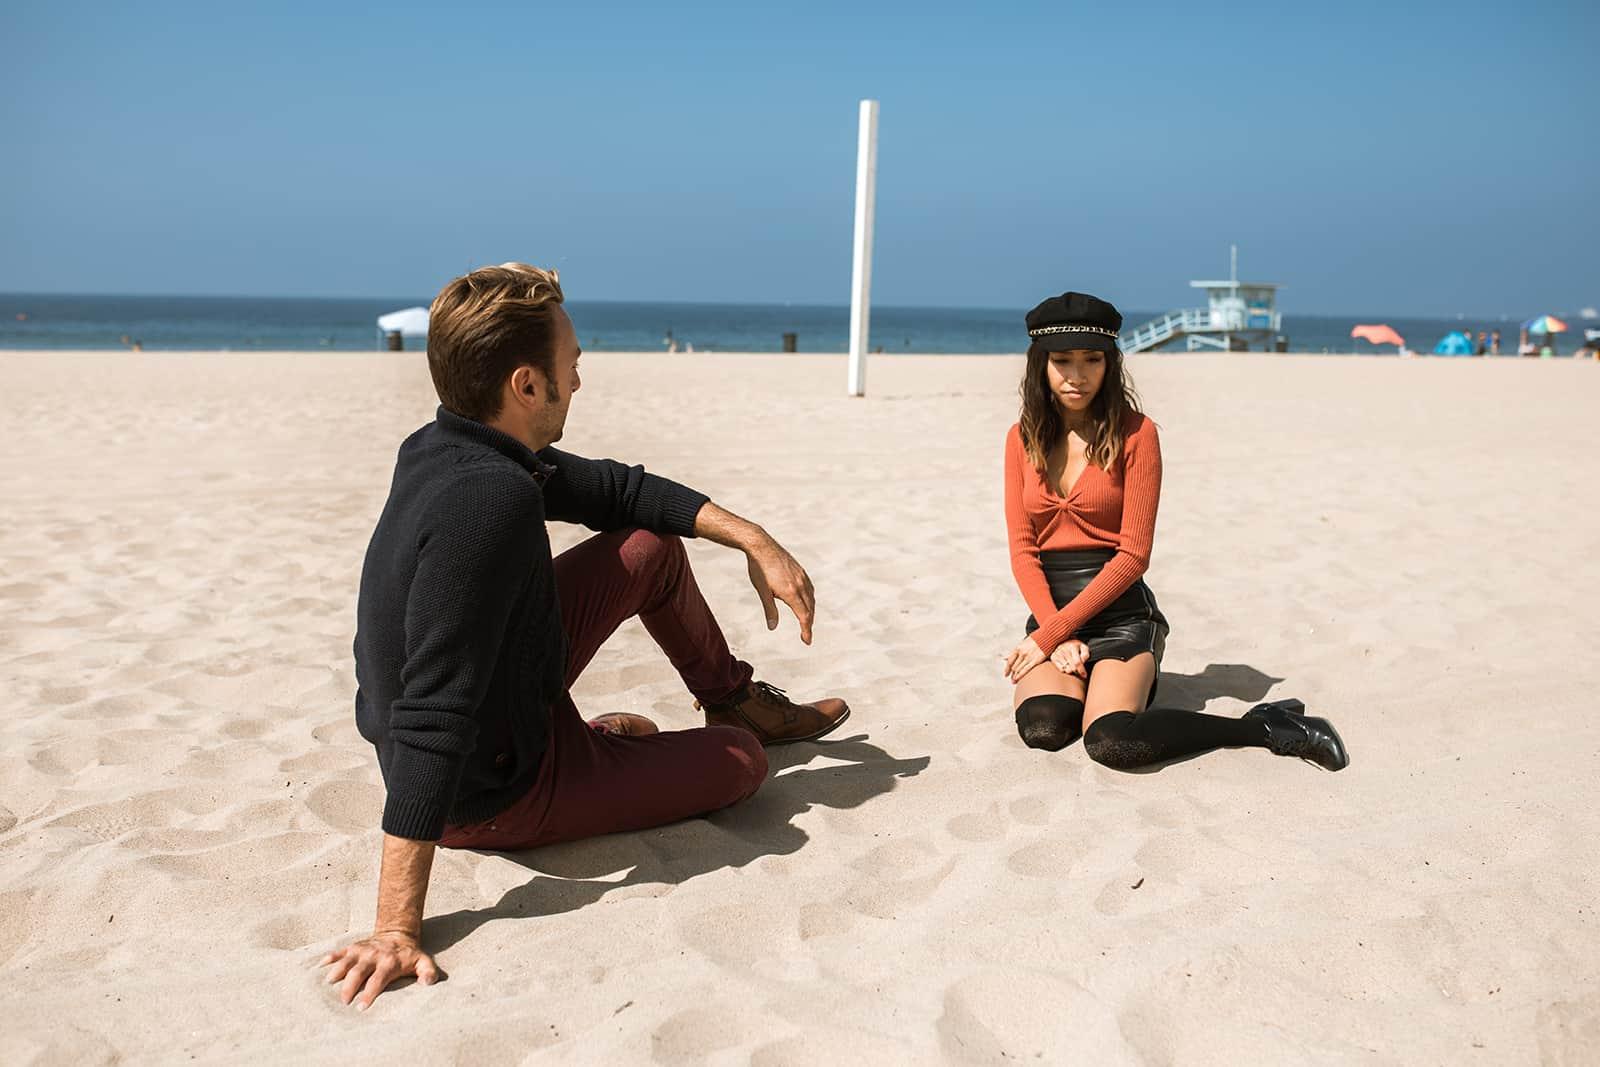 ein Paar, das nach einem Streit schweigend im Sand sitzt